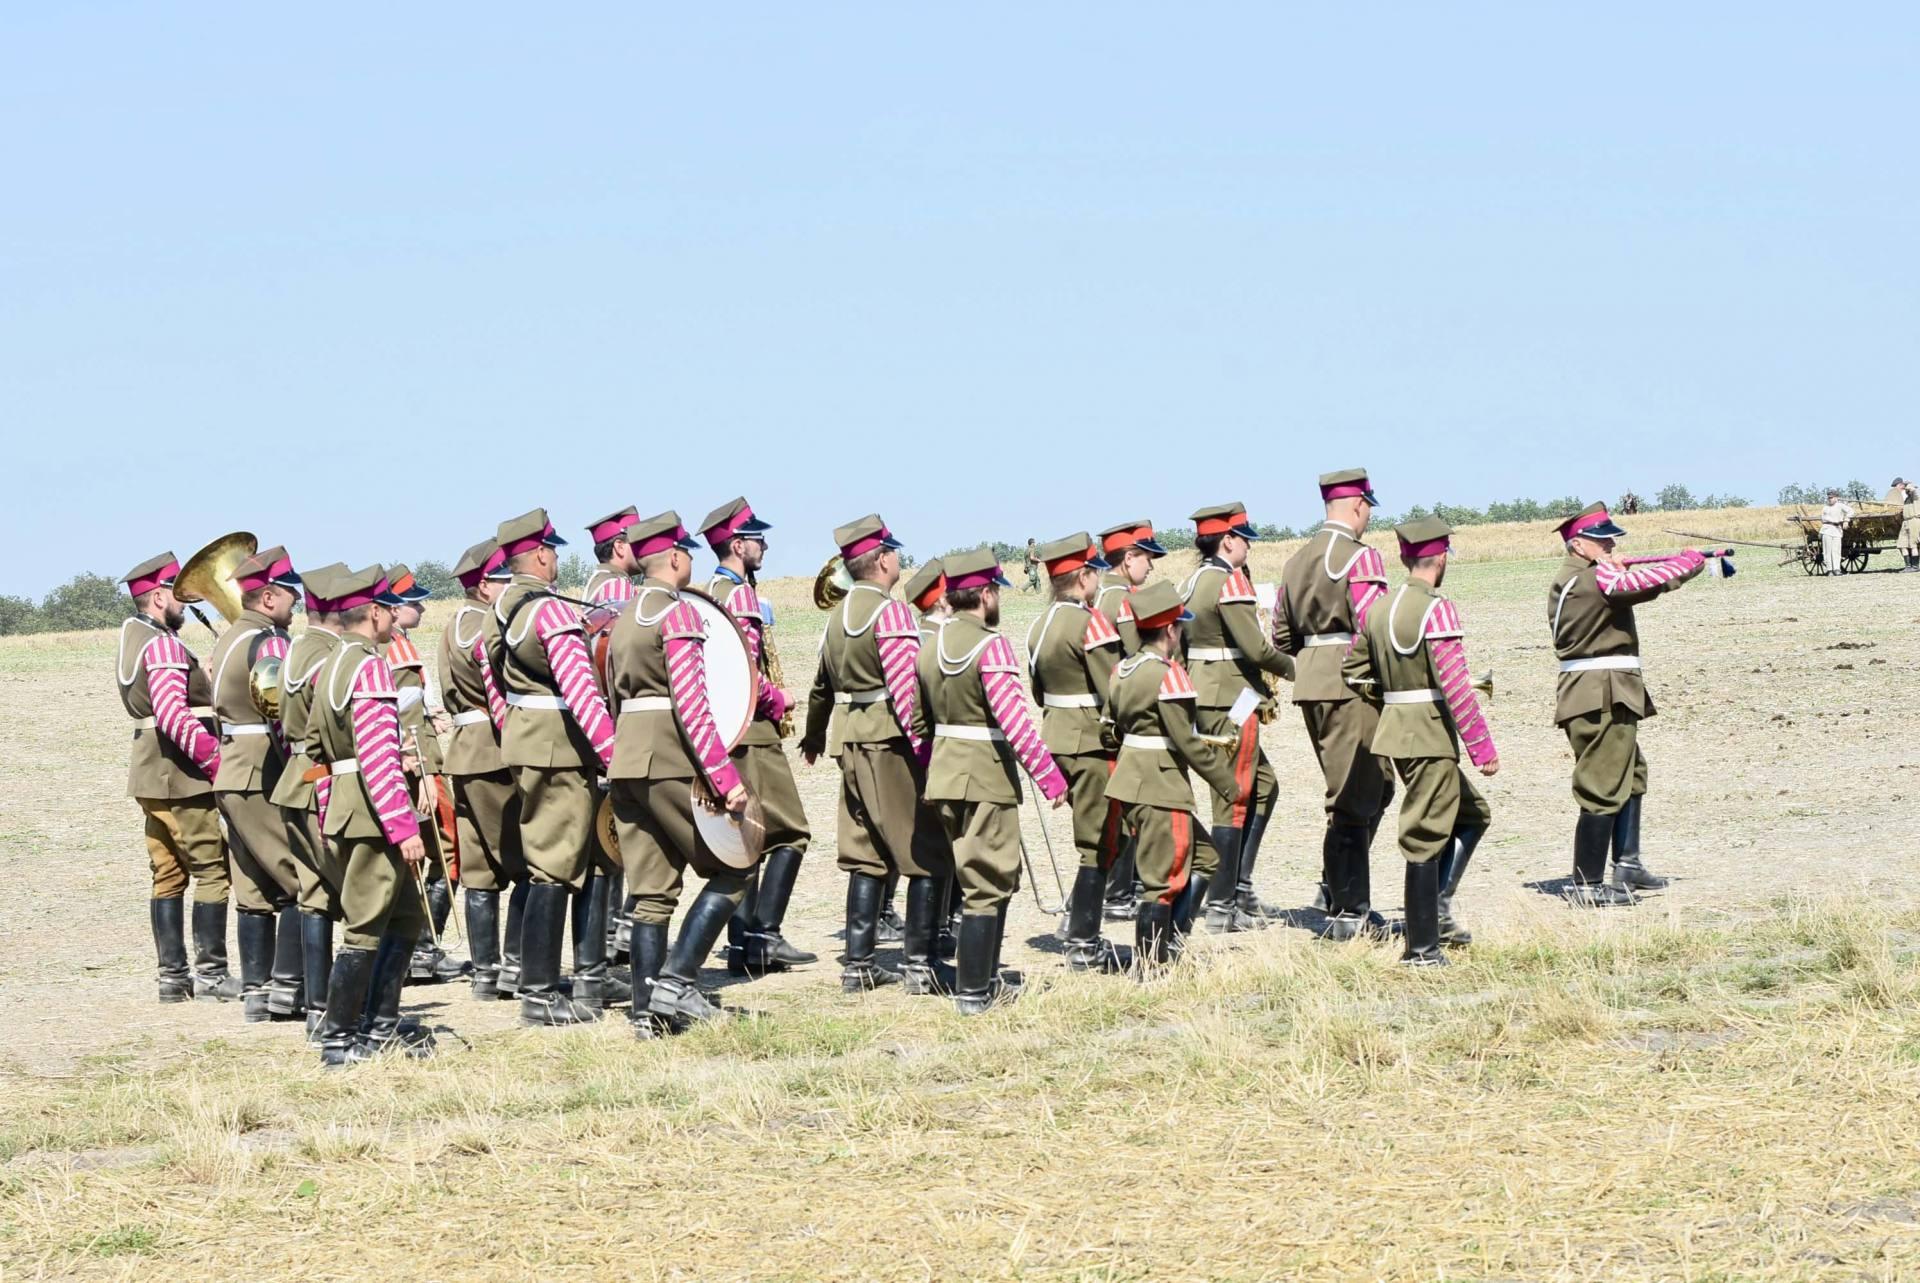 dsc 0666 Czas szabli - 100 rocznica bitwy pod Komarowem(zdjęcia)